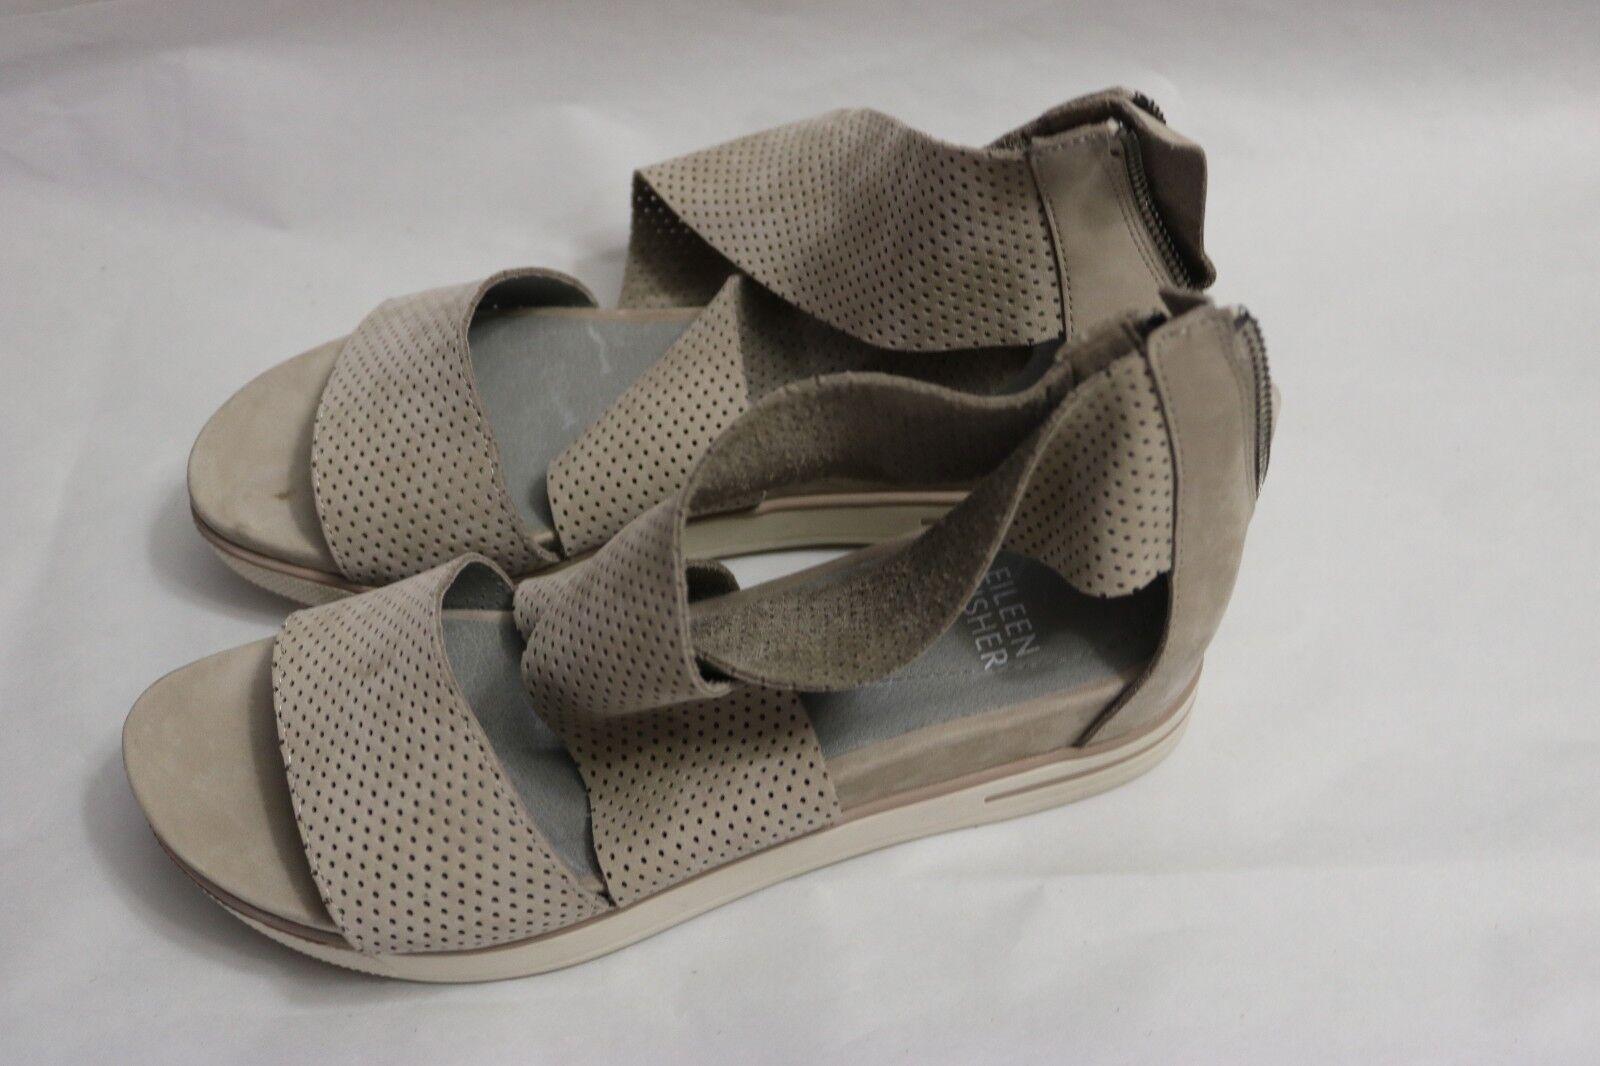 B -457  Eileen Fisher Perforata Piattaforma Sport Sandal Leather Dimensione 6 M  negozi al dettaglio